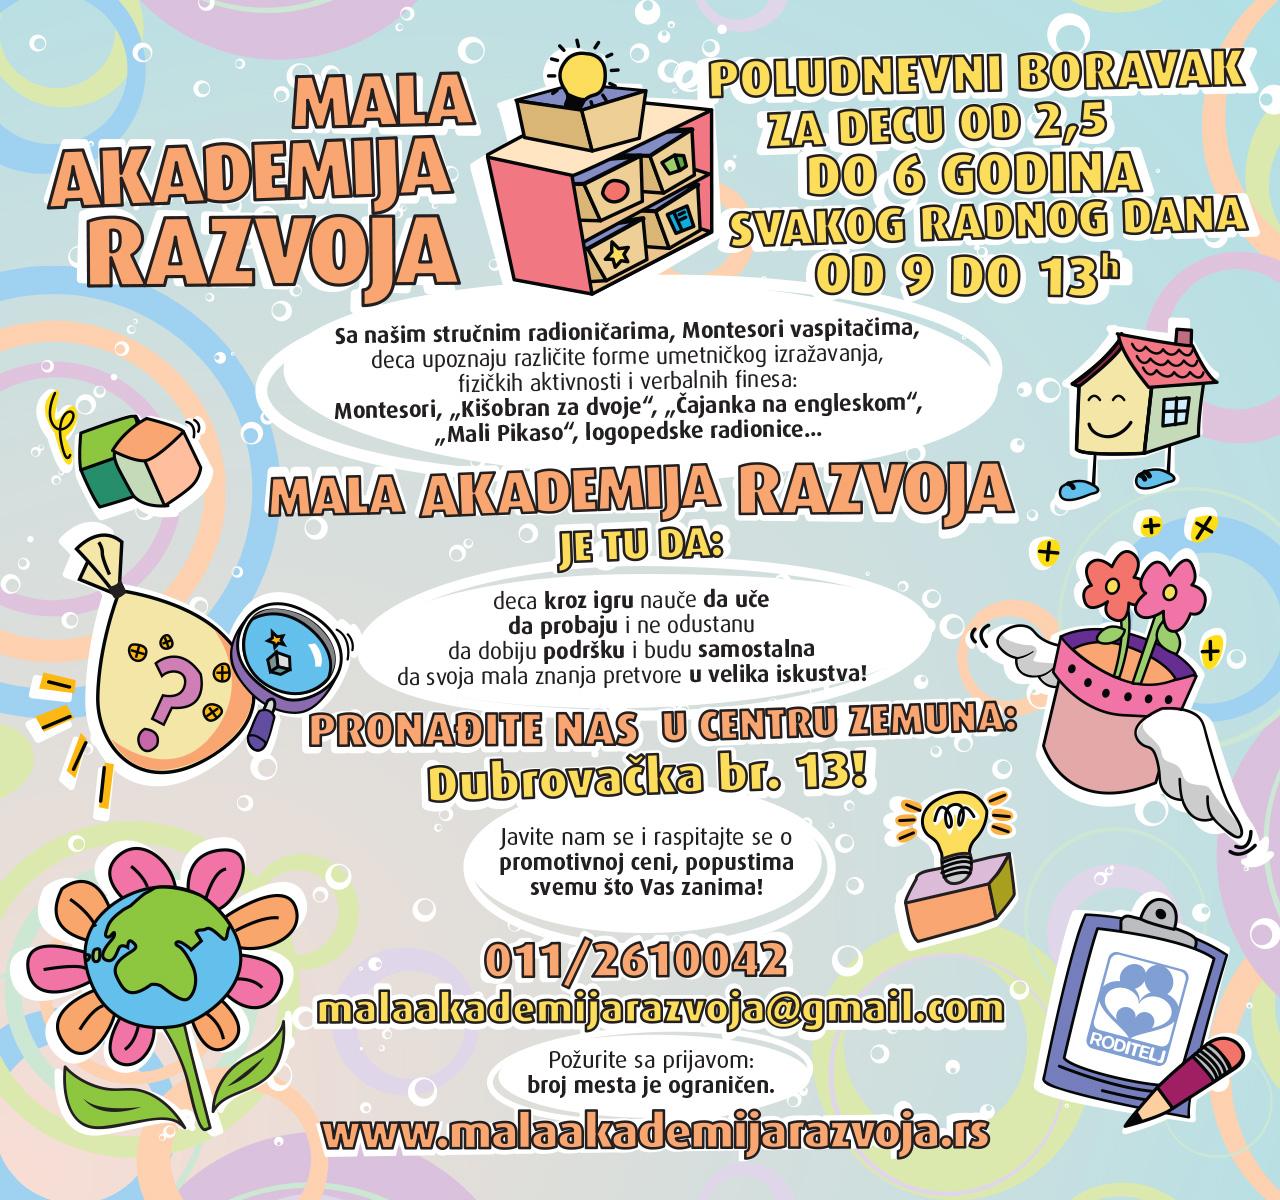 MAR web poster